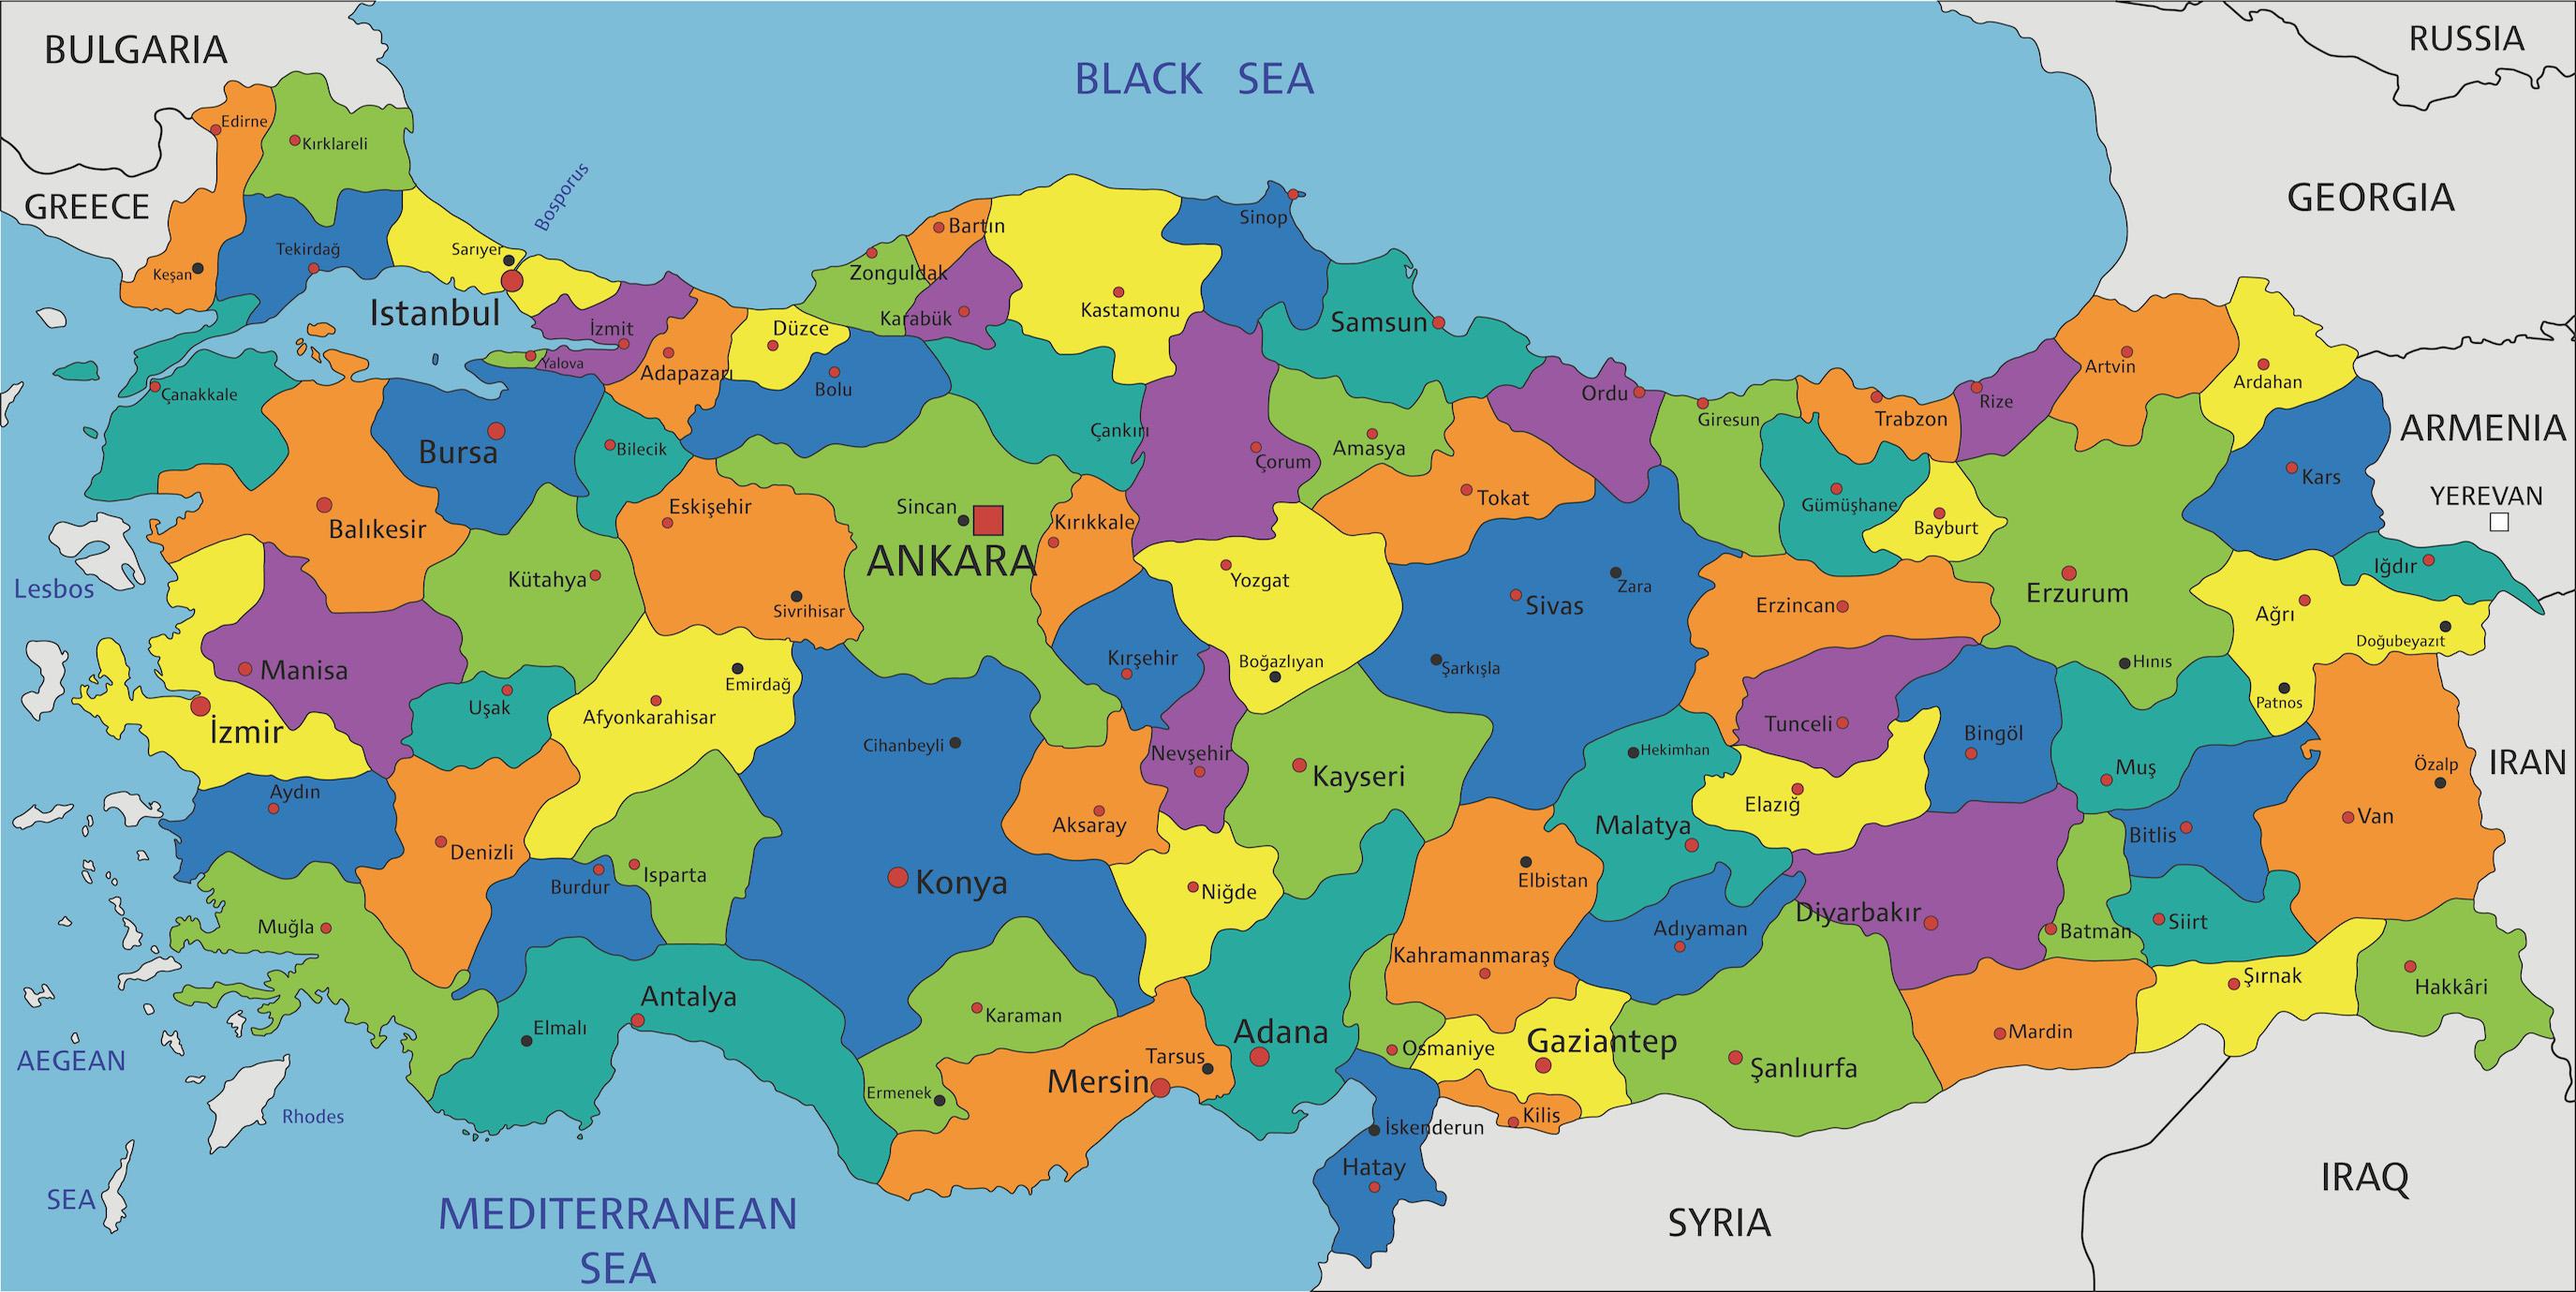 Carte de la Turquie dans des tons sombres papier peint 3d